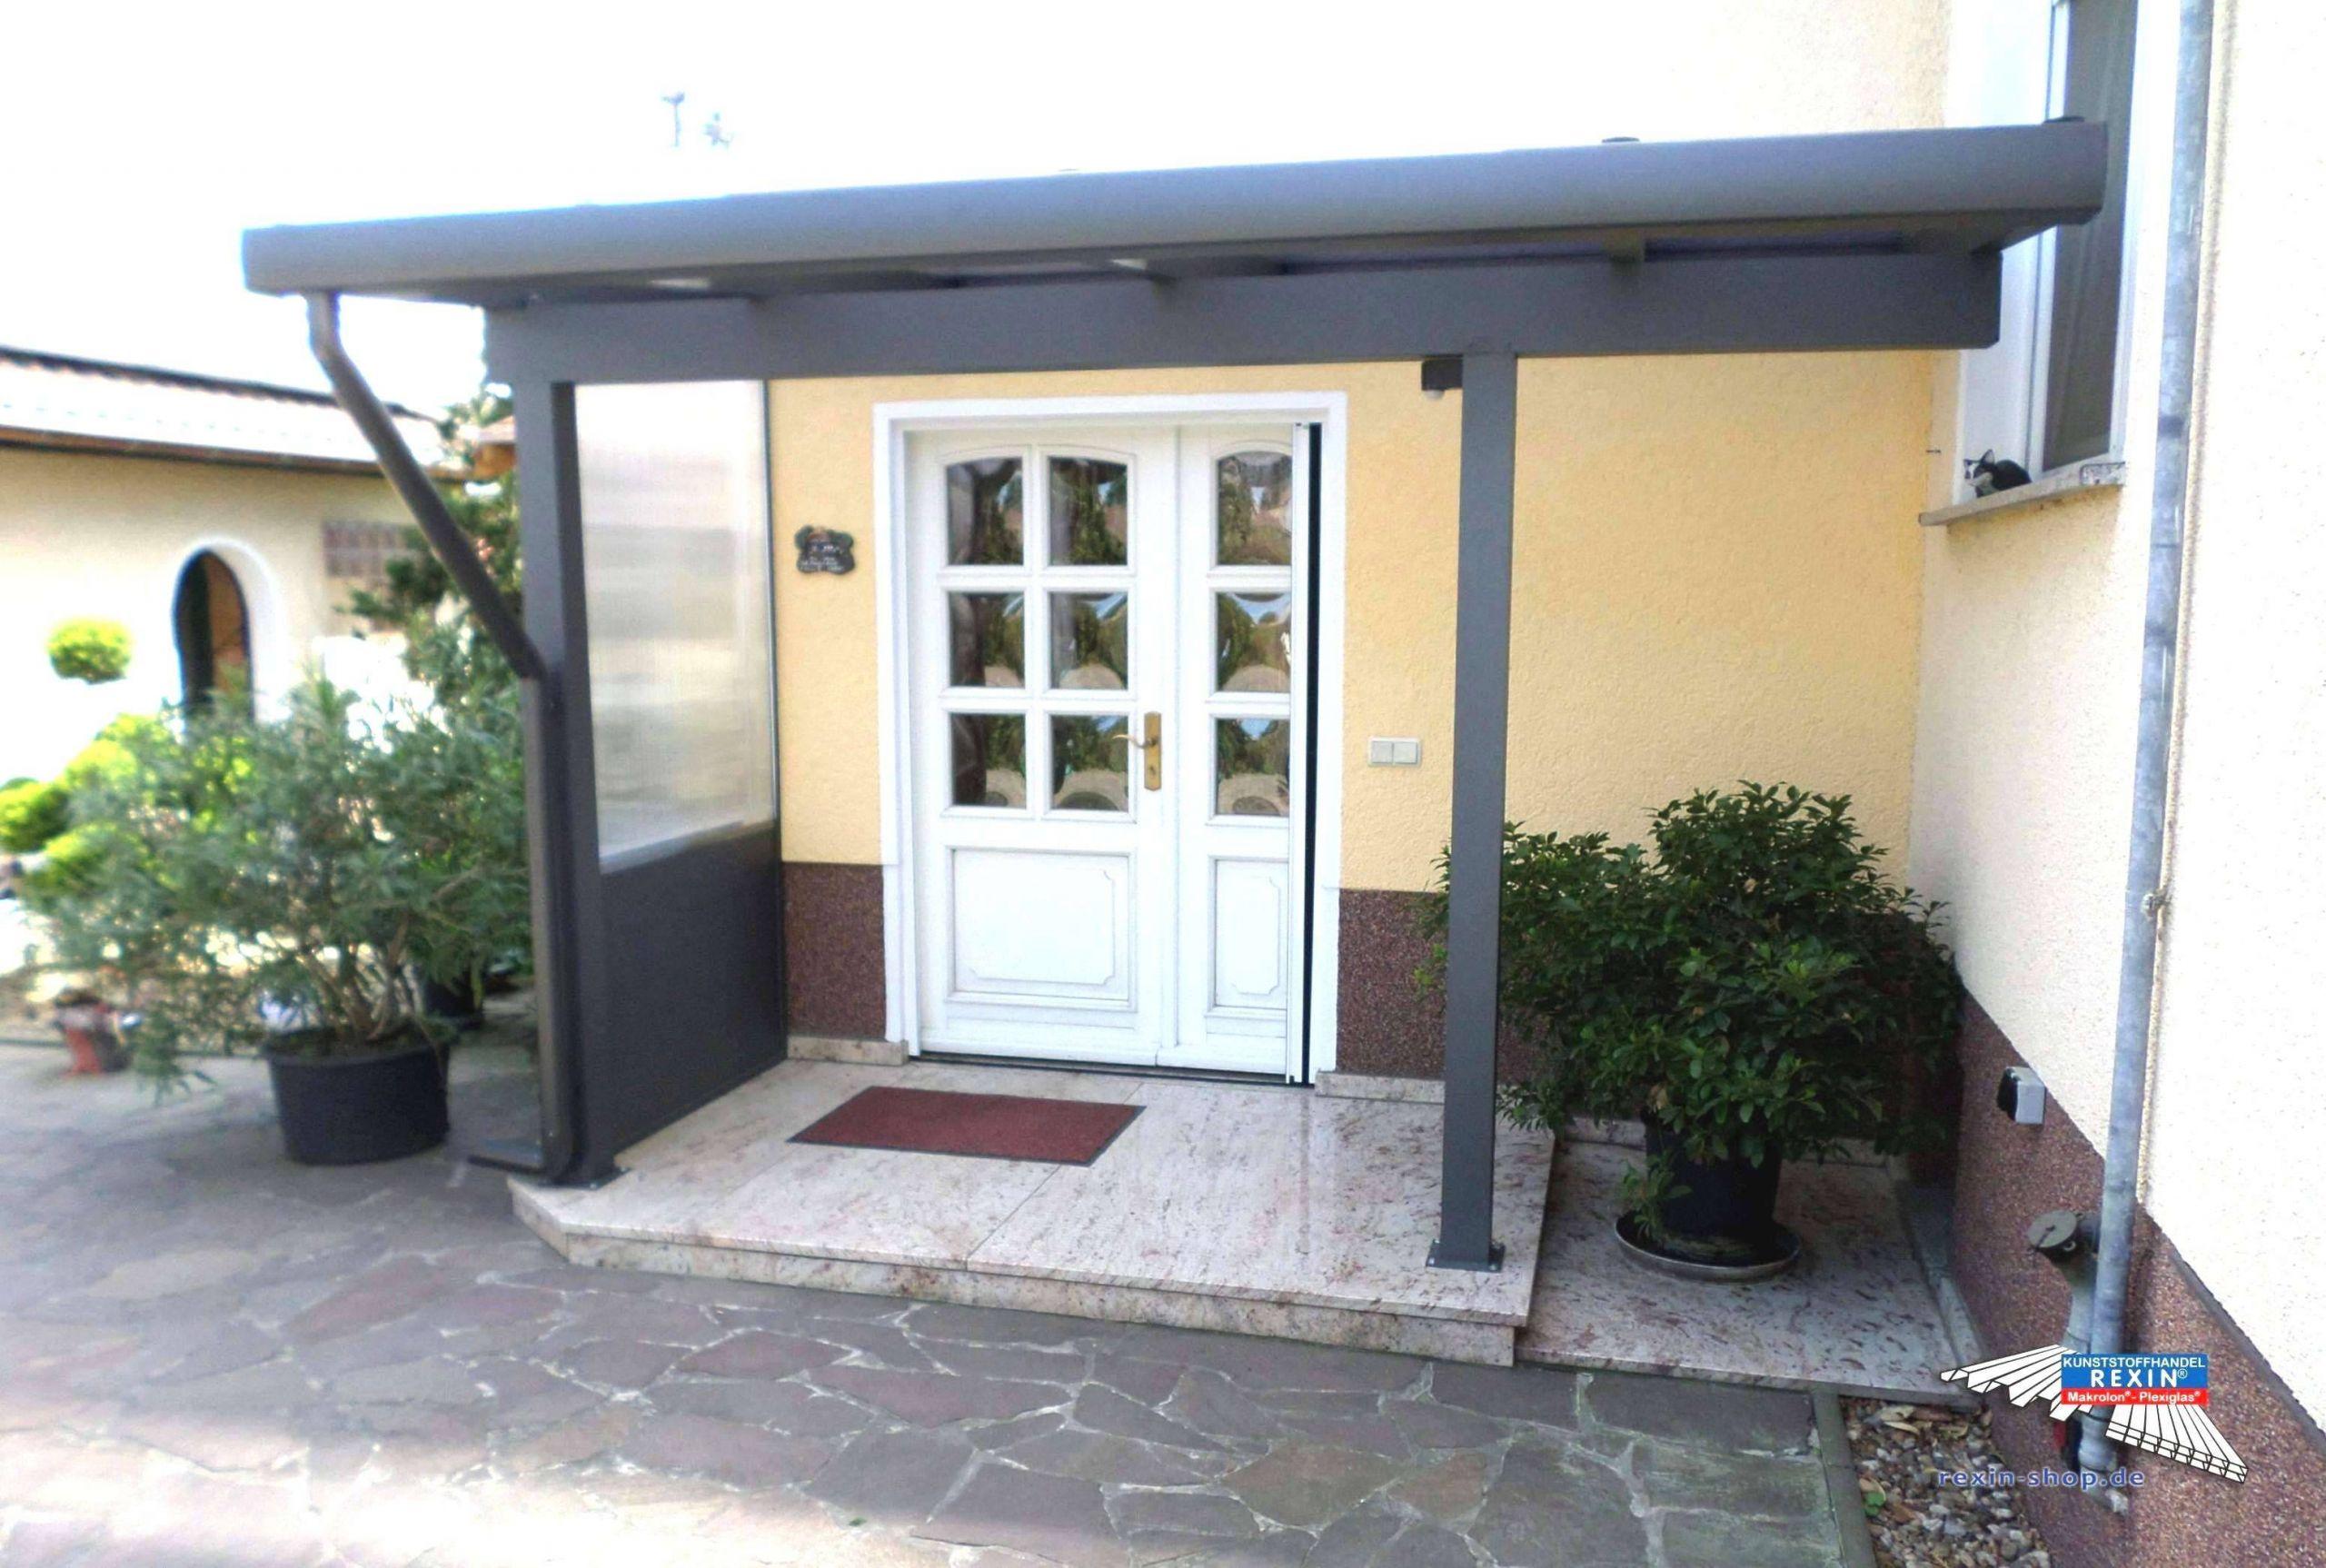 regal wohnzimmer deko elegant regal balkon gros 42 best kleiner balkon deko ideen cogitore of regal wohnzimmer deko